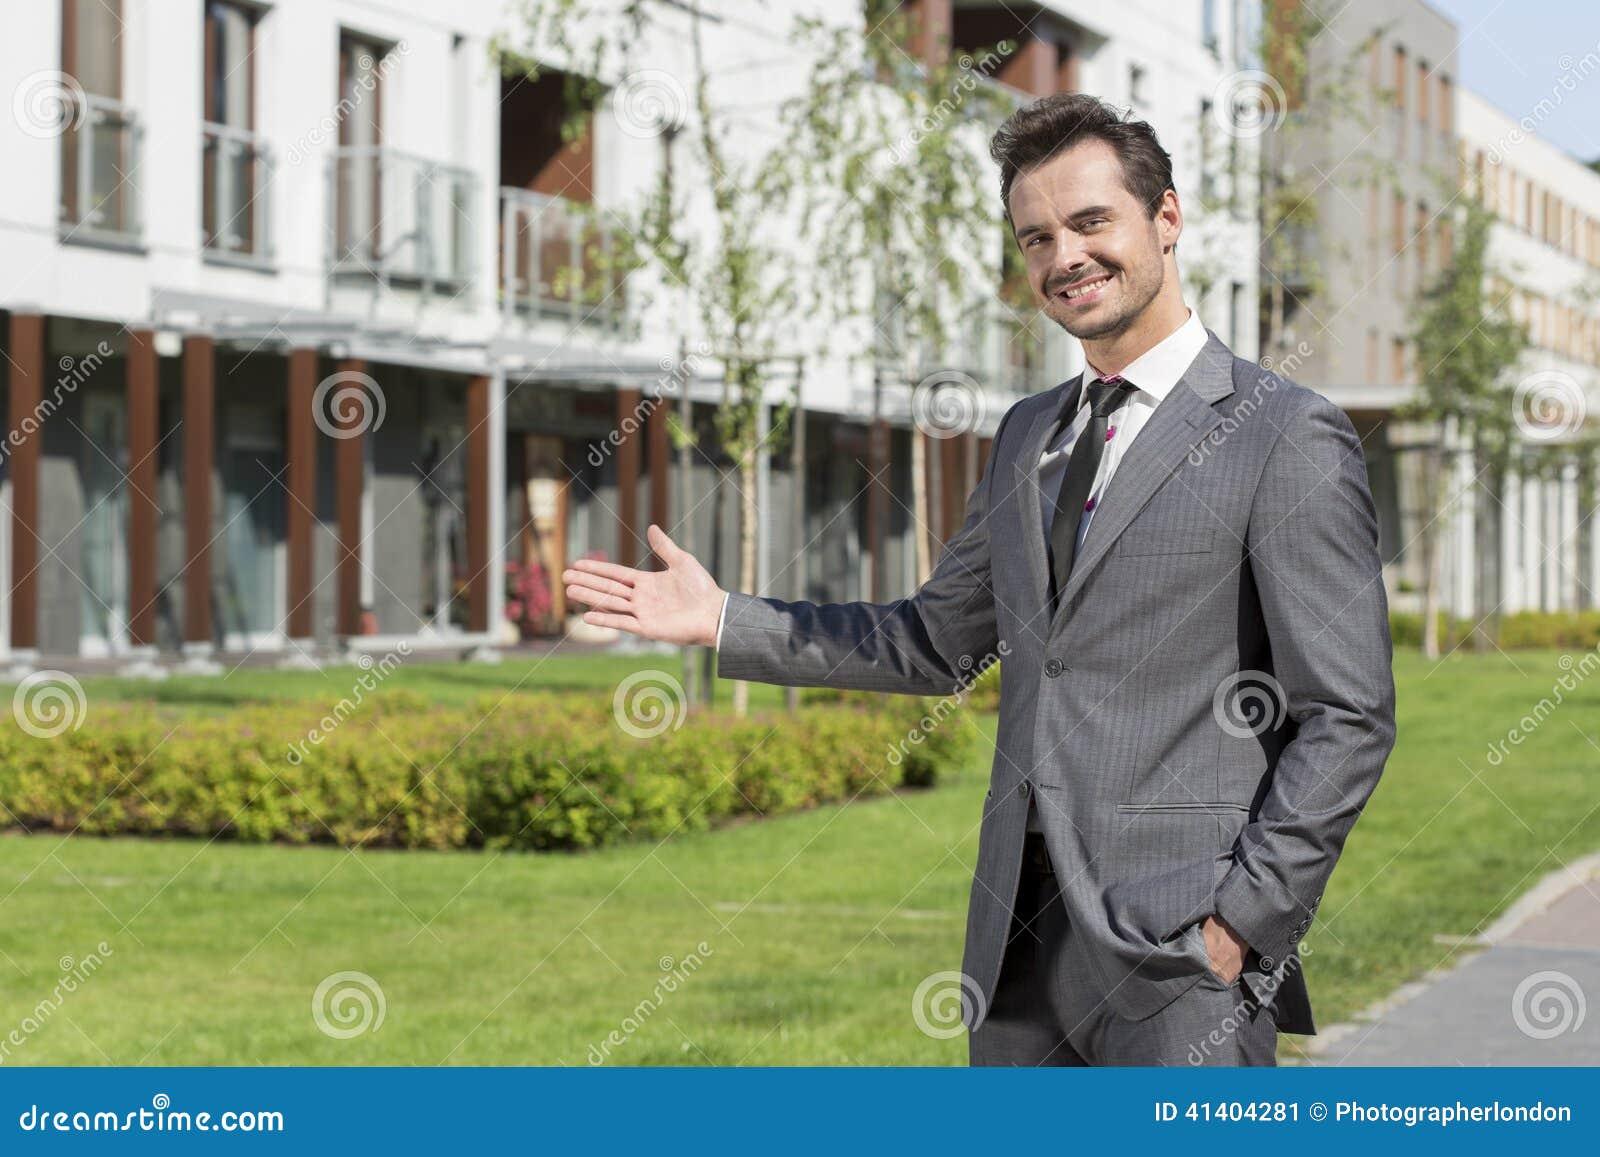 Retrato do mediador imobiliário seguro que apresenta o prédio de escritórios